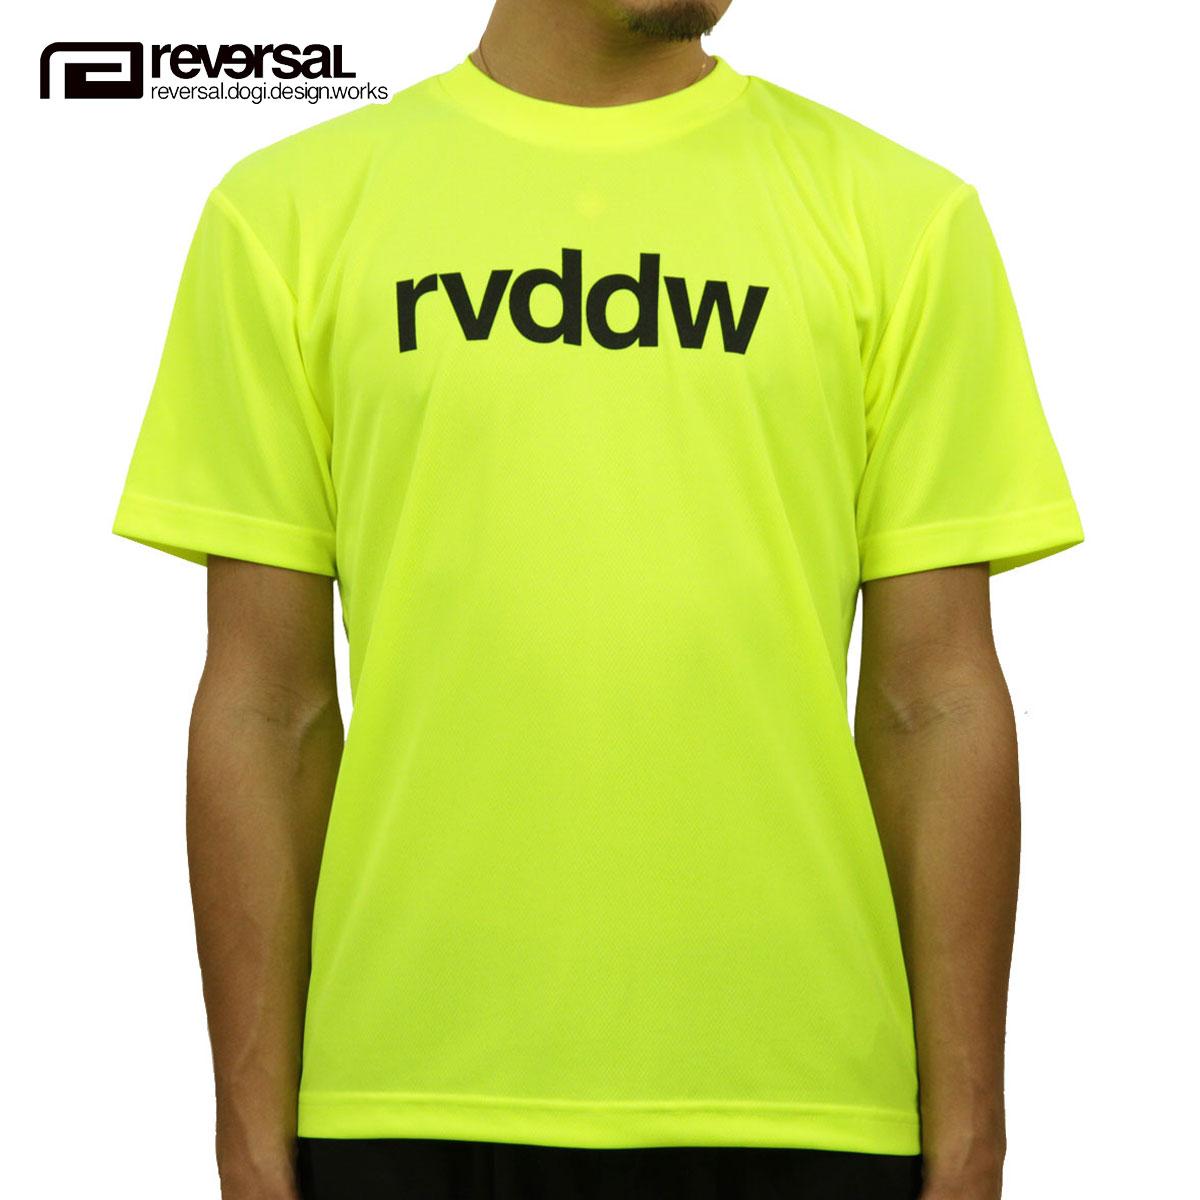 リバーサル Tシャツ 正規販売店 REVERSAL 半袖Tシャツ クルーネック ロゴ メッシュ地 rvddw DRY TEE rvbs029 NEON YELLOW